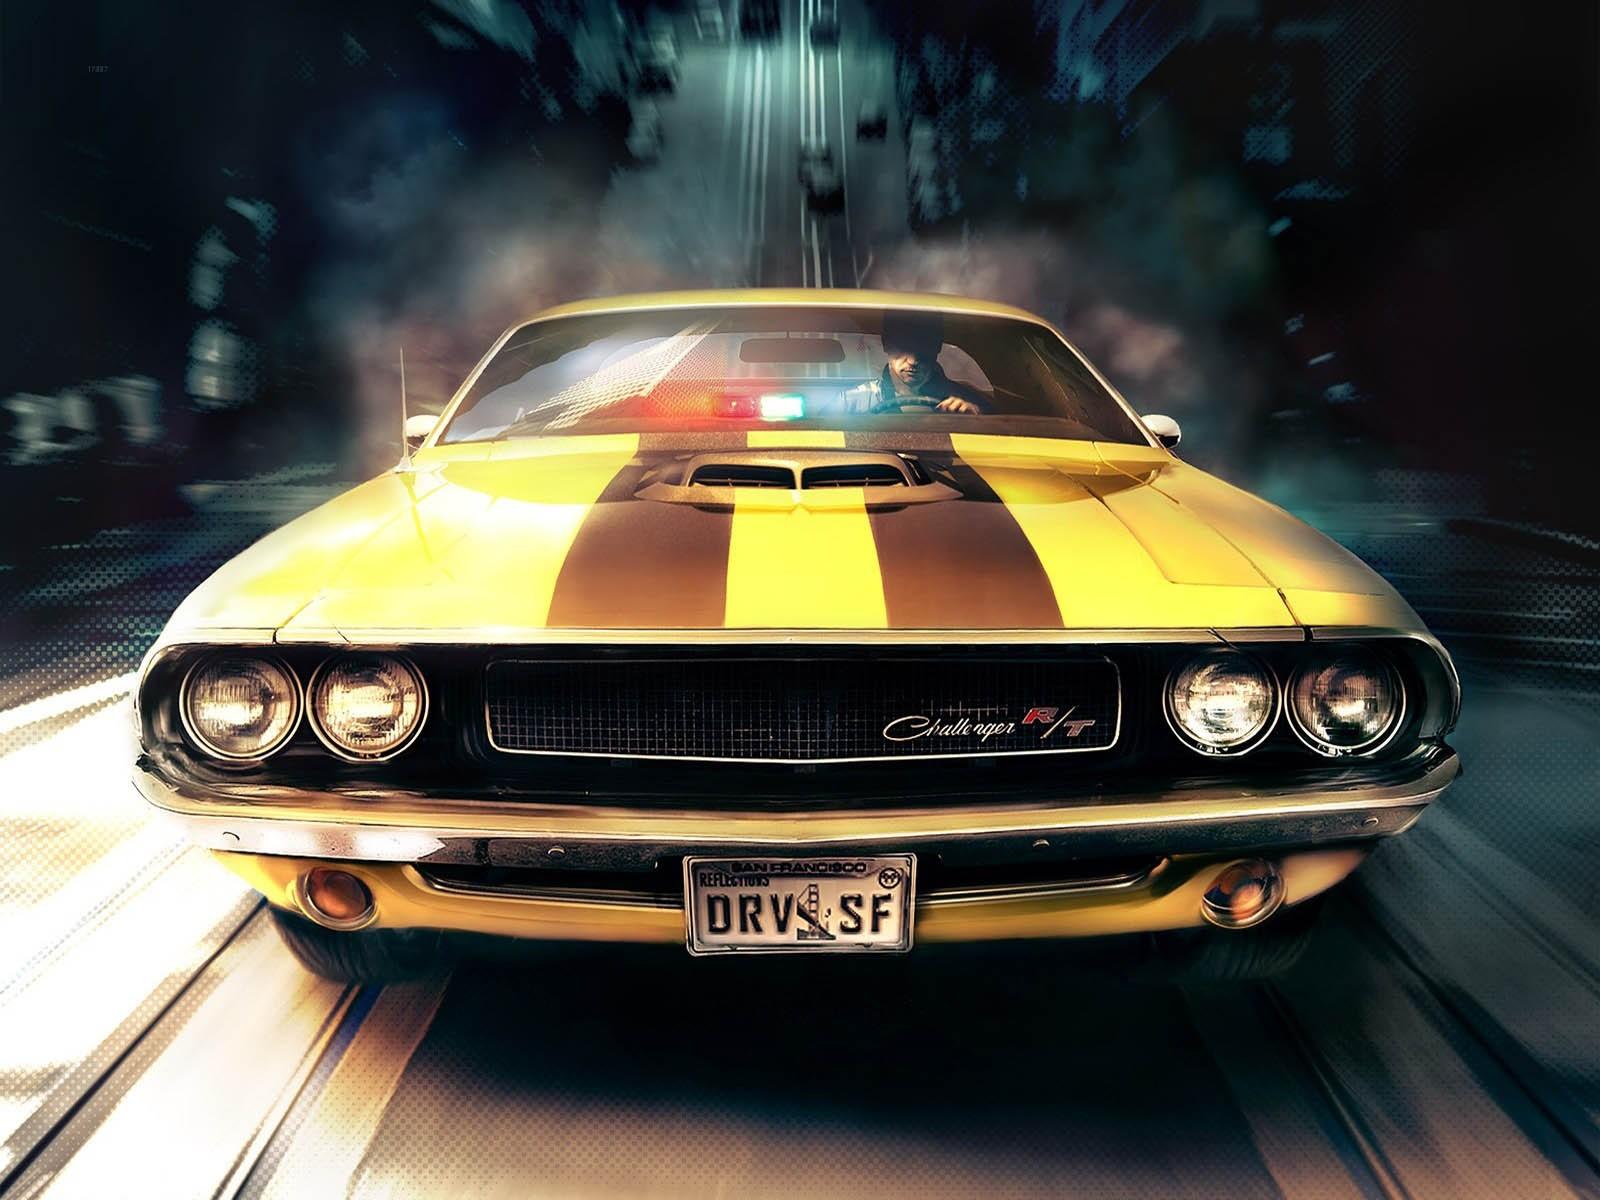 http://1.bp.blogspot.com/-HrQEv6mhdtI/Tm0c8qOCjbI/AAAAAAAAA6w/UcXUZwZH3Ic/s1600/driver_san_fransisco_dodge_cars_game_hd_www.Gamewallbase.com.jpg